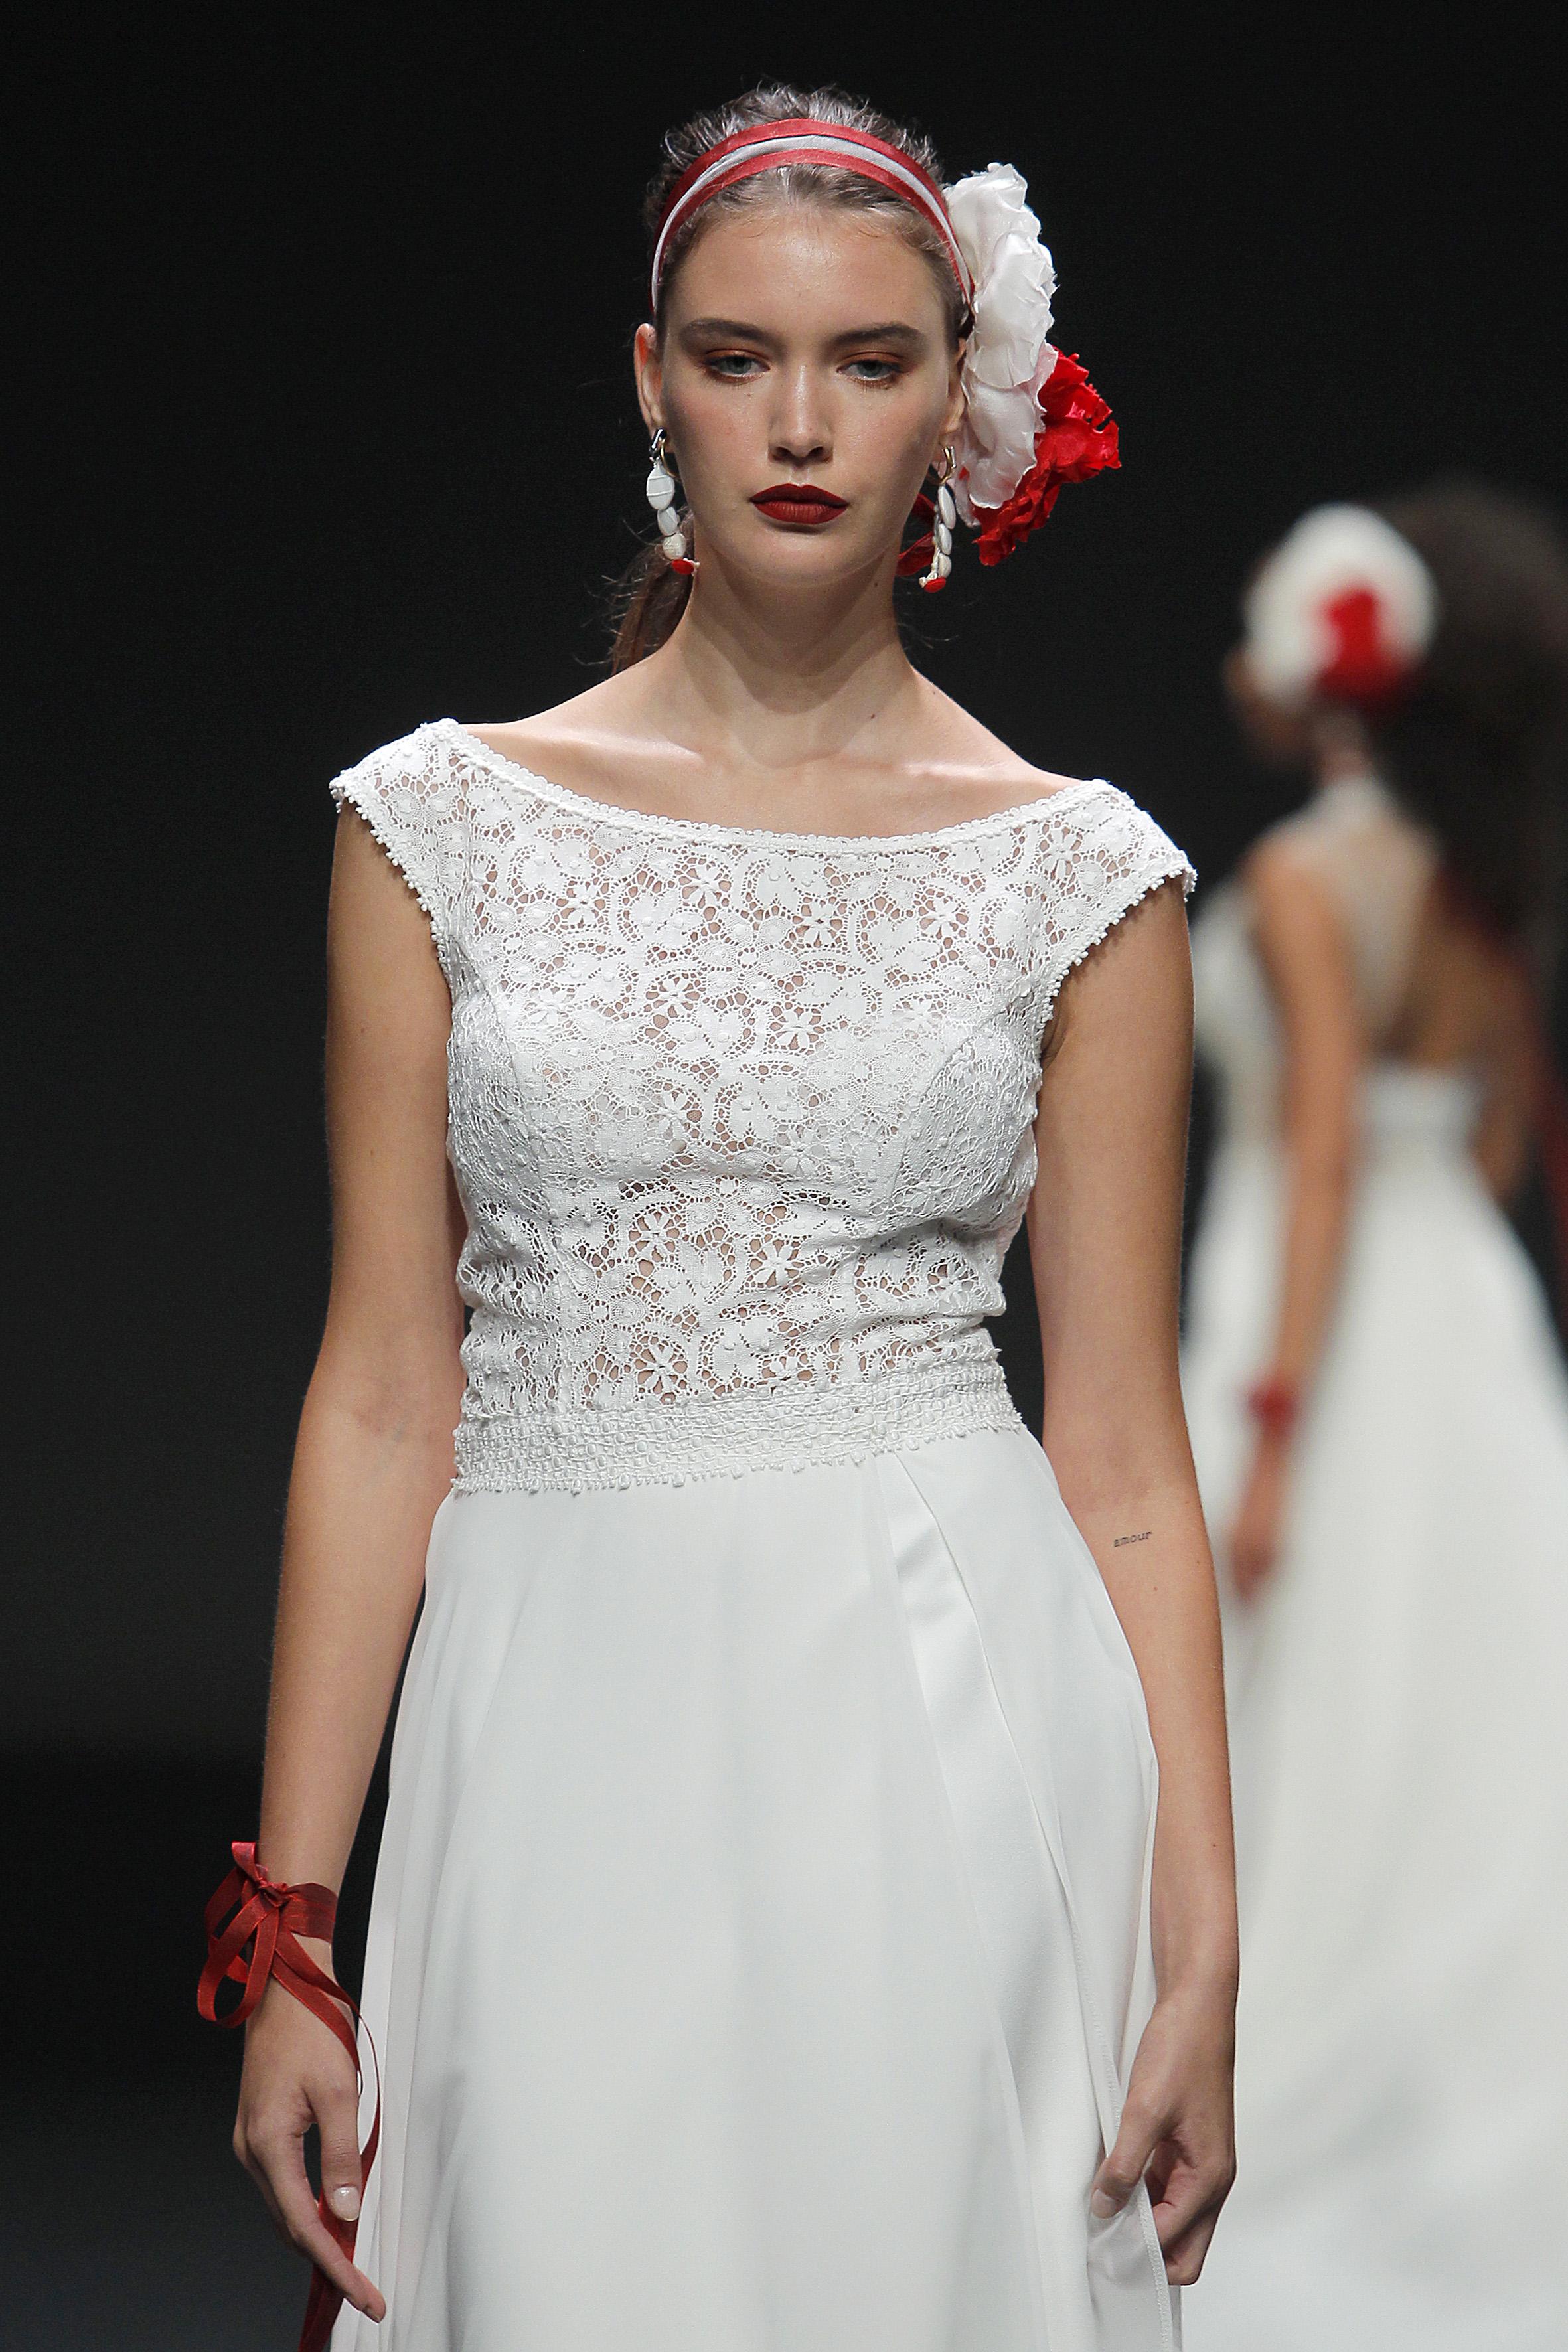 Desfile de Cymbeline Paris Couture en VBBFW20 experience Primavera Verano